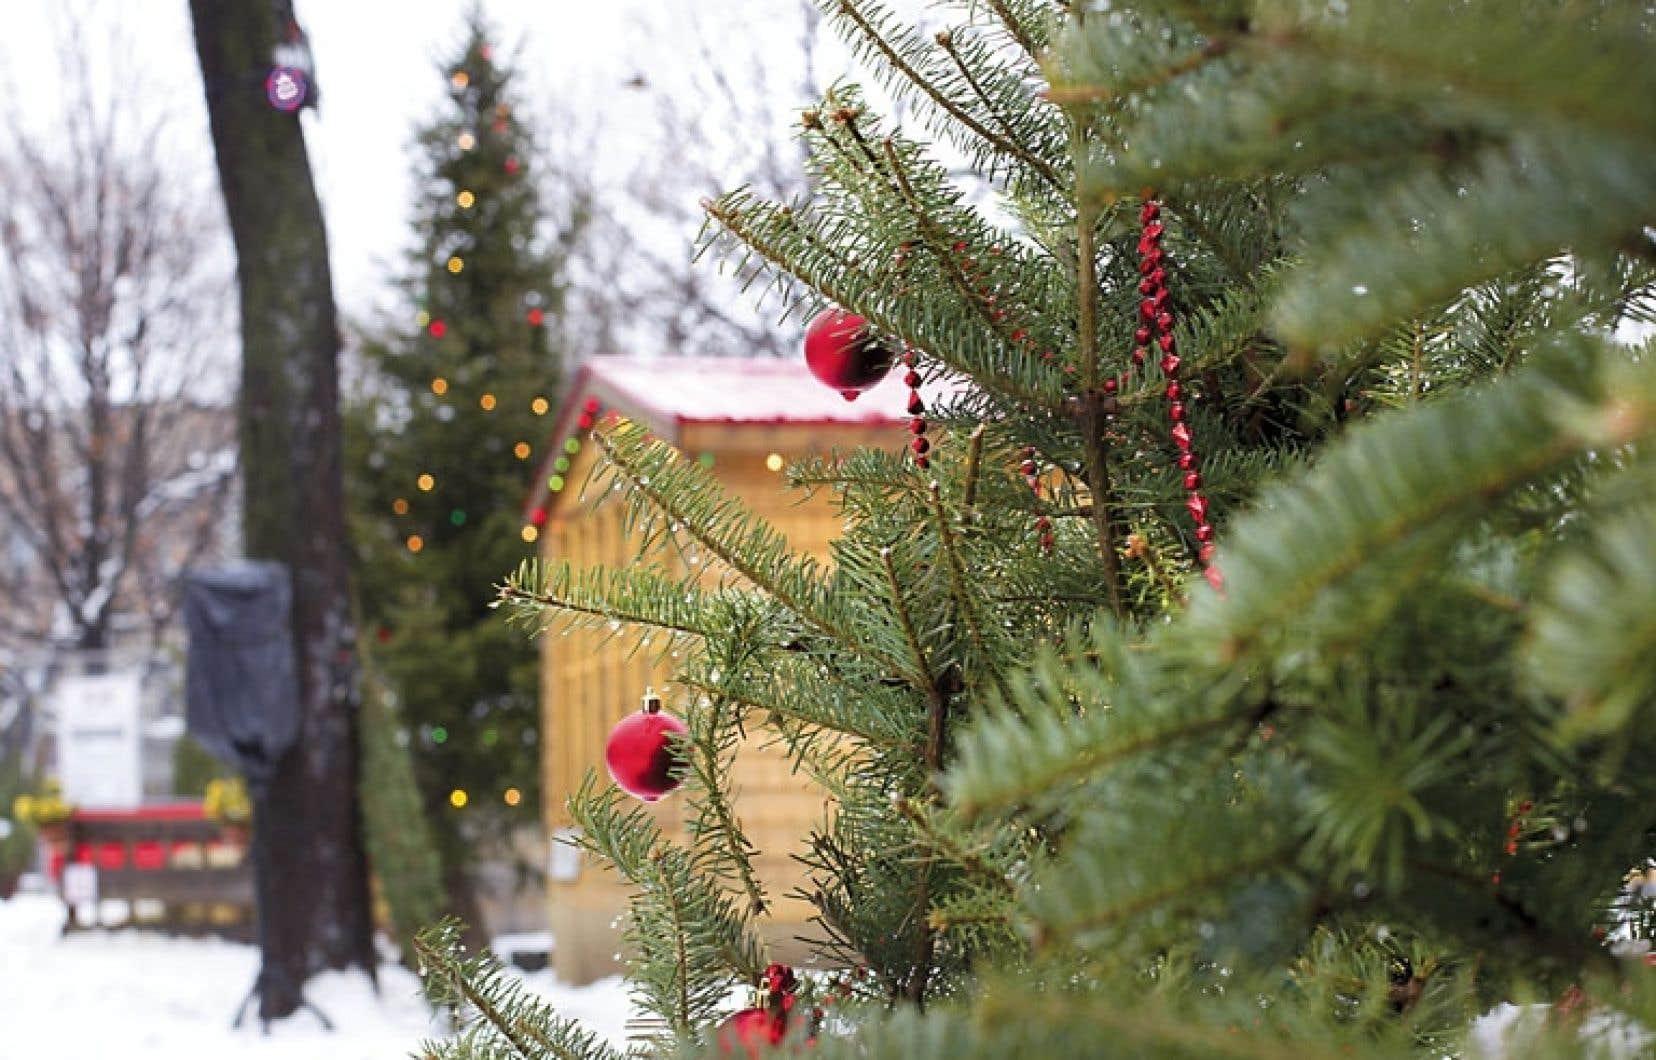 Si au Québec, c'est le vrai roi des forêts, le sapin baumier, que les producteurs nous offrent le plus souvent, en Europe, l'arbre de Noël est habituellement une épinette de Norvège, aussi appelée épicéa, car le sapin y a disparu lors de la dernière glaciation.